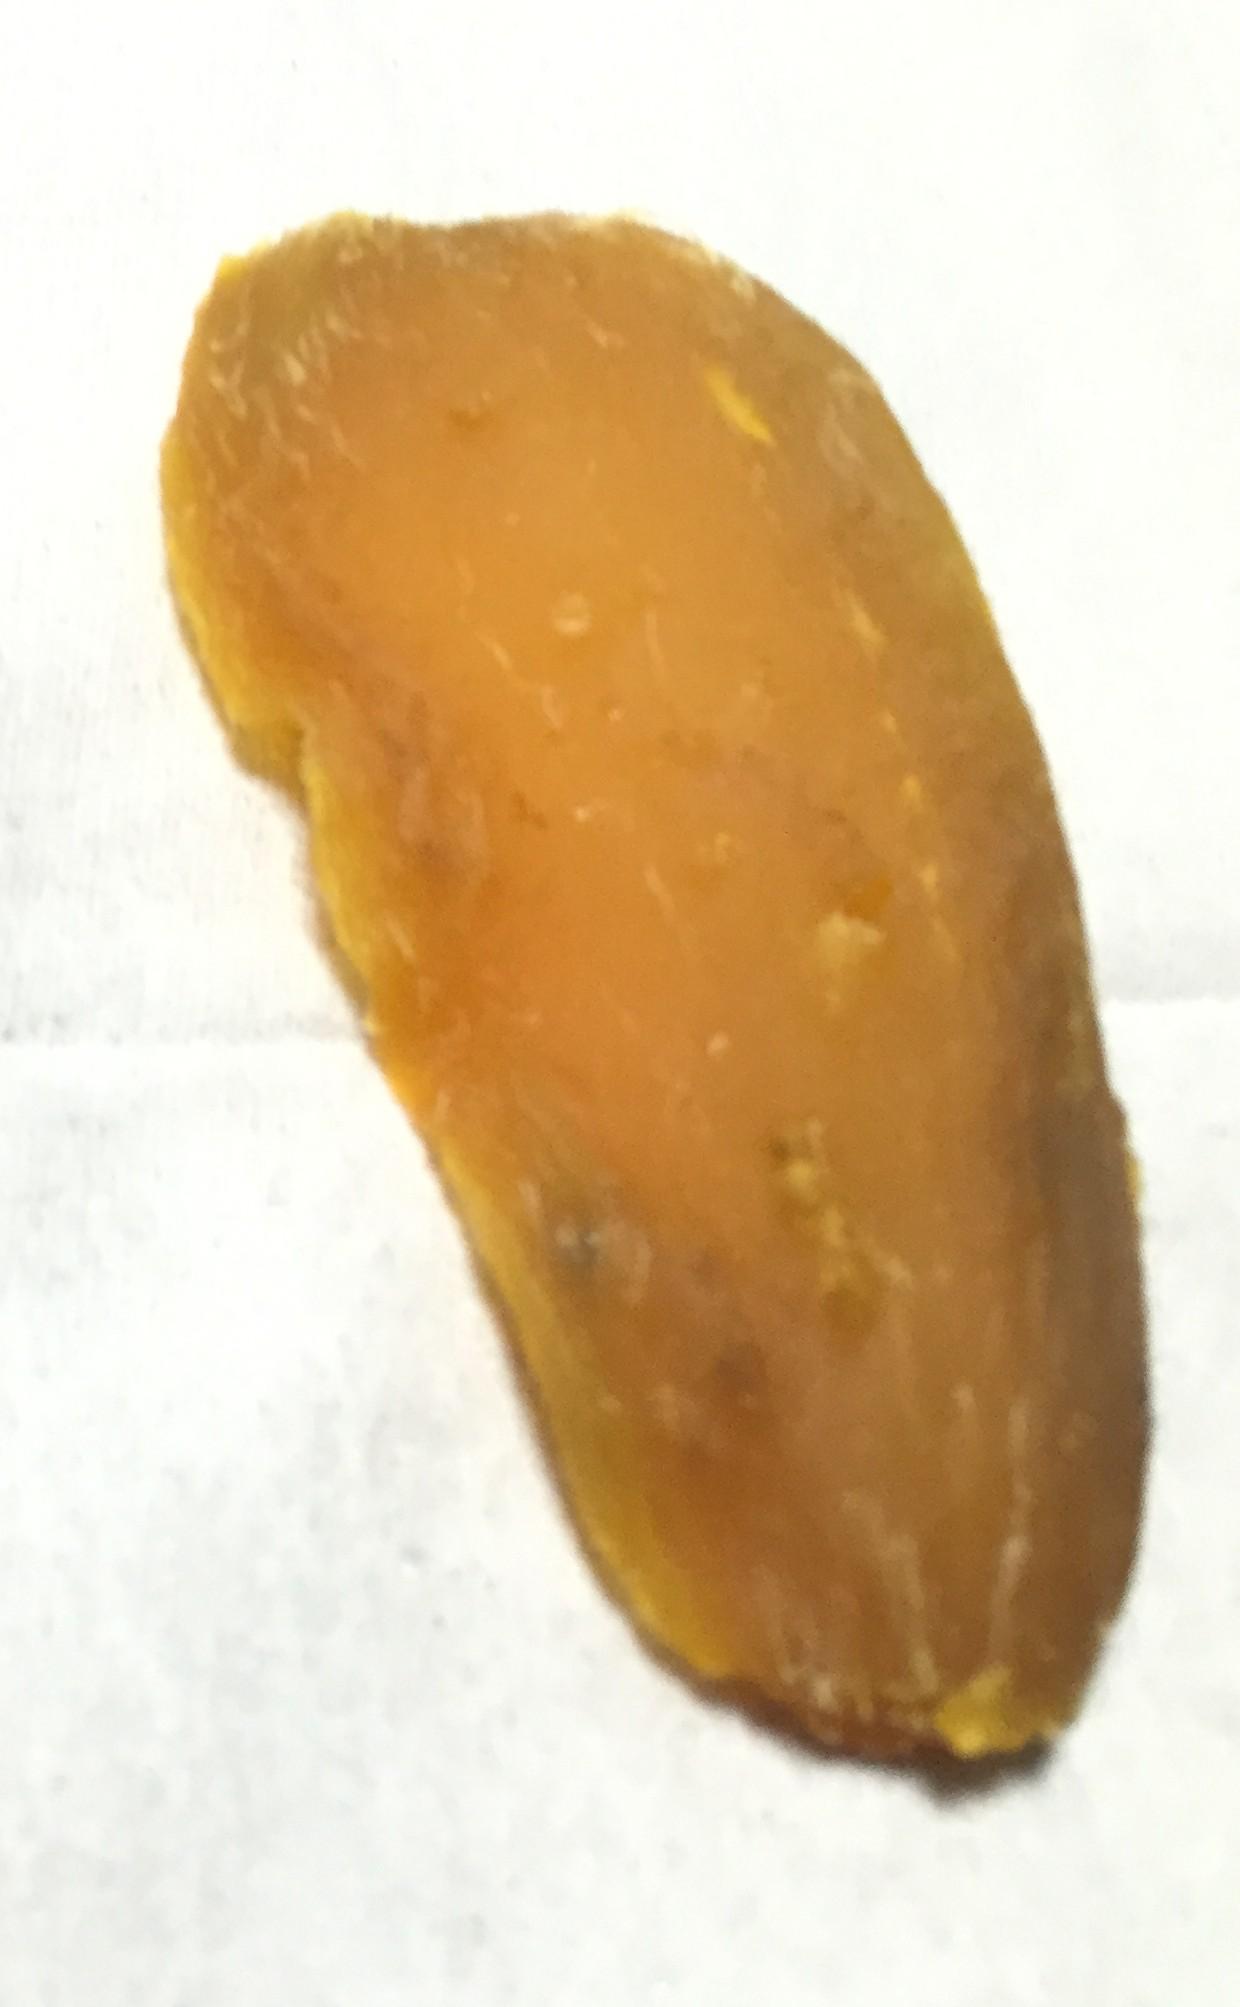 簡単な干し芋の作り方!素人の僕でもできた。(レシピ付き)〜焼き芋編〜